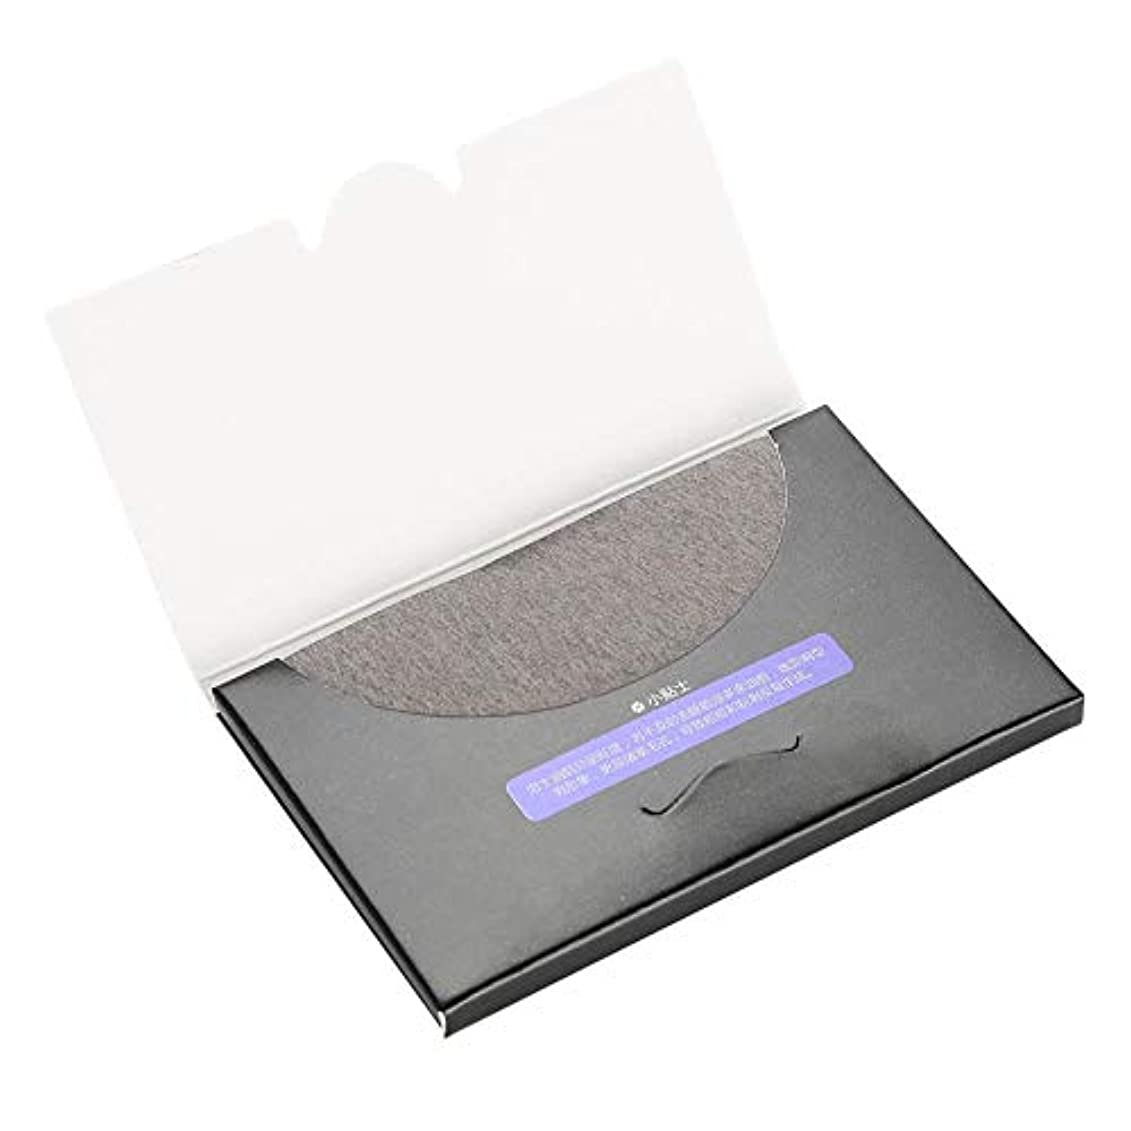 オピエートキャビンルーキー80枚/袋吸油布 - 化粧フィルムのクリーニング、吸い取り紙の消去 - きれいな吸い取り紙